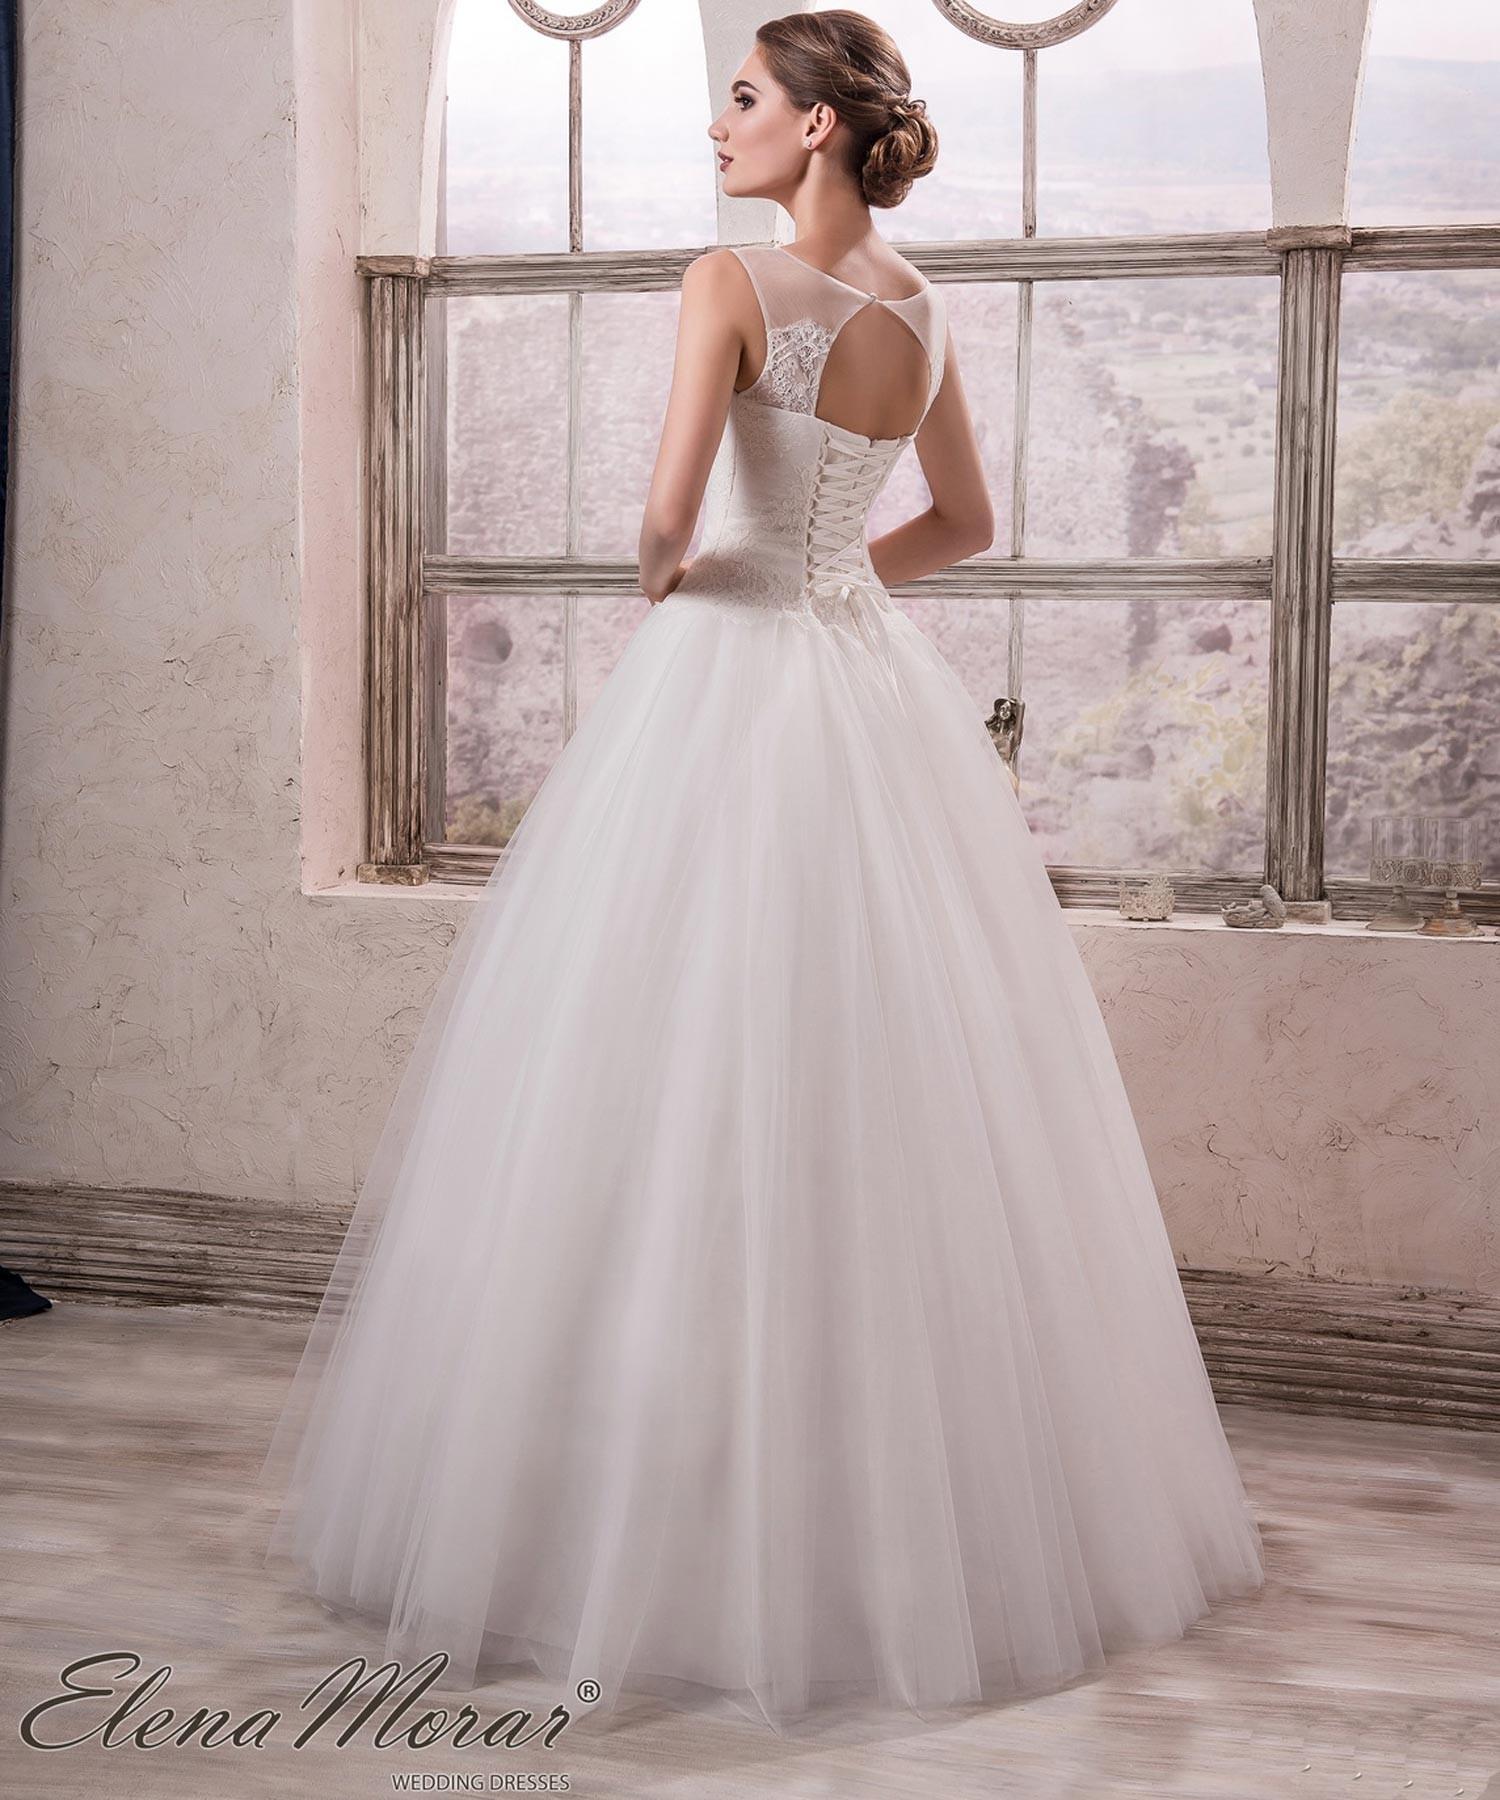 7694cf7c7ace6 Robe de mariée bustier dentelle française Sveta